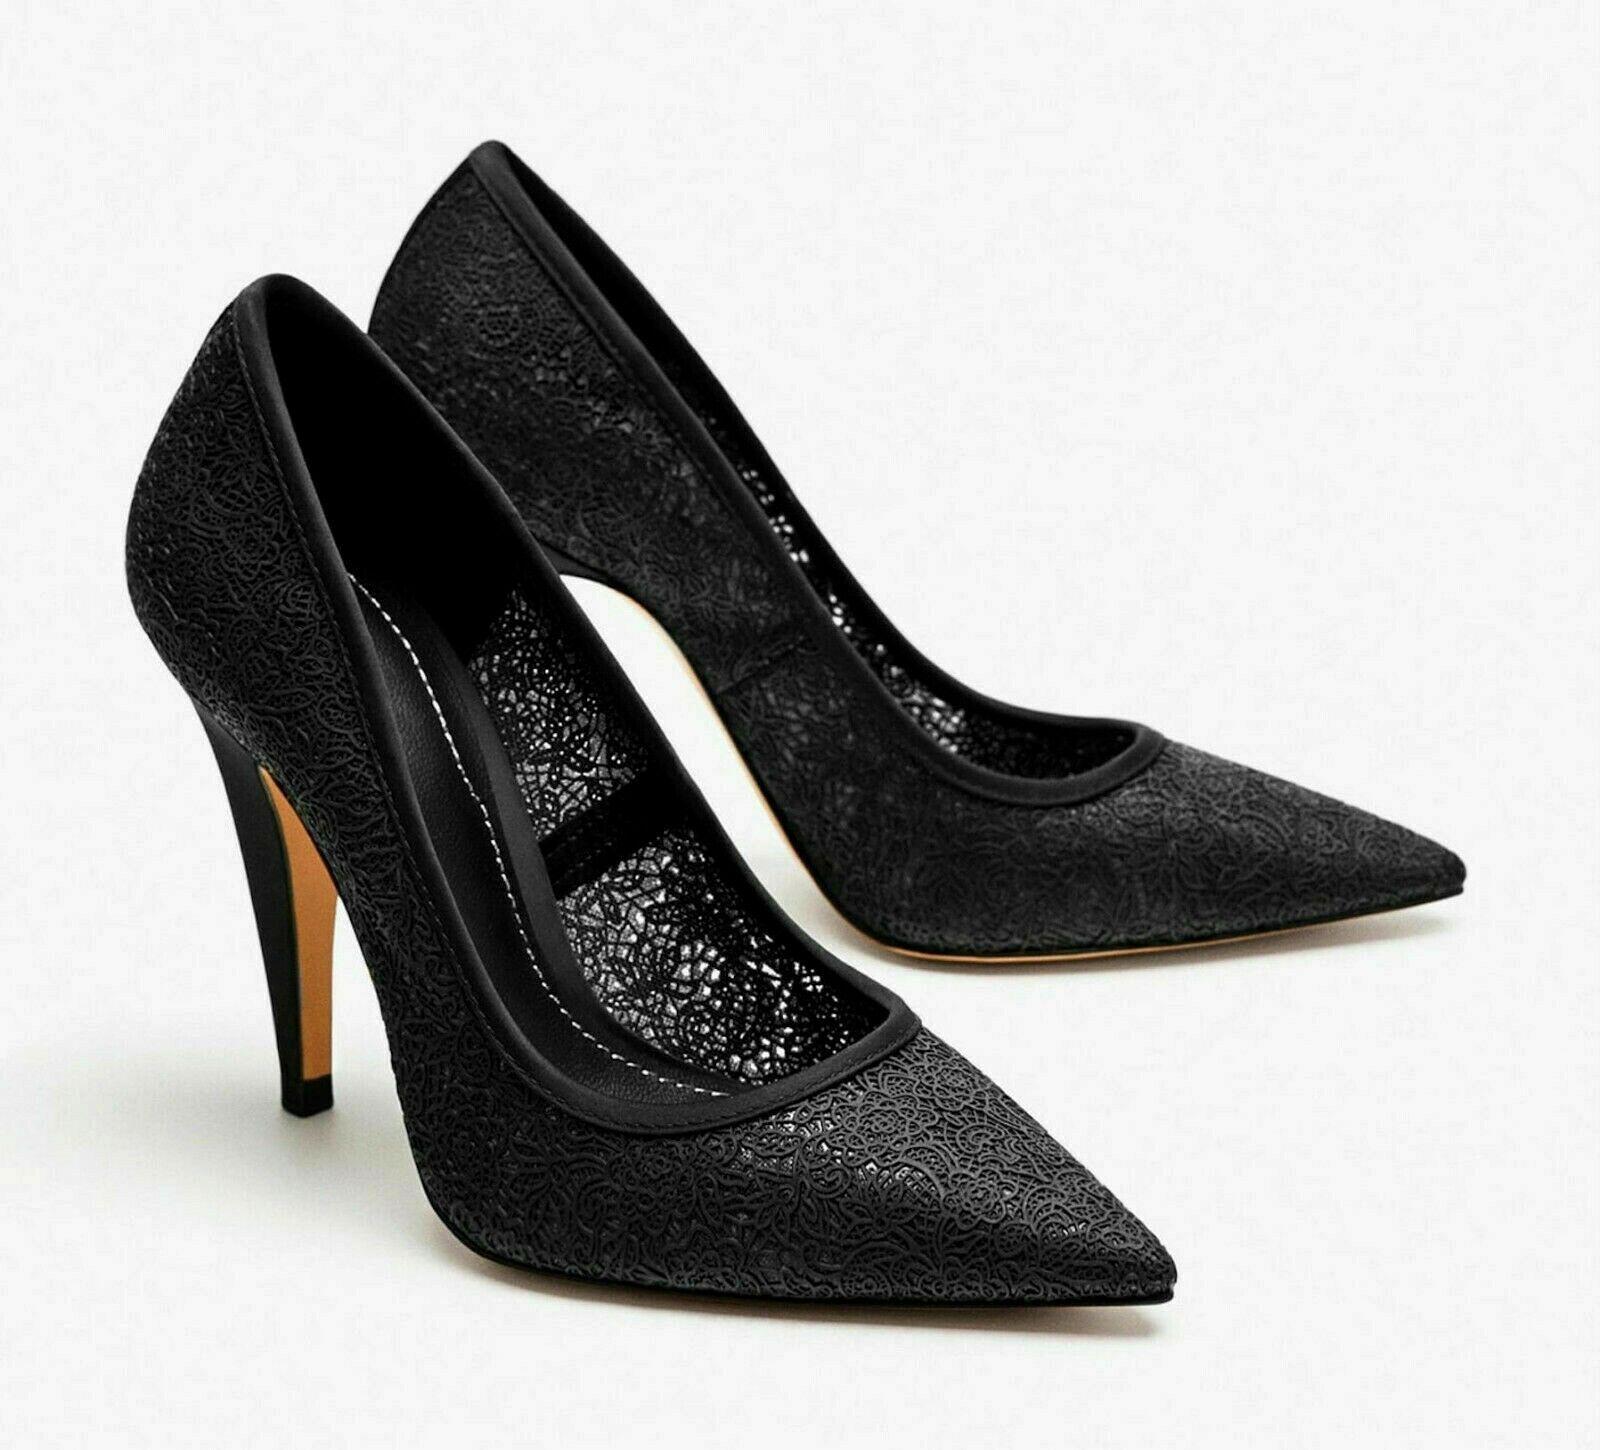 Zara noir caoutchouté Dentelle-Effet chaussures à Talon Haut Taille UK 6 EU 39 US 8